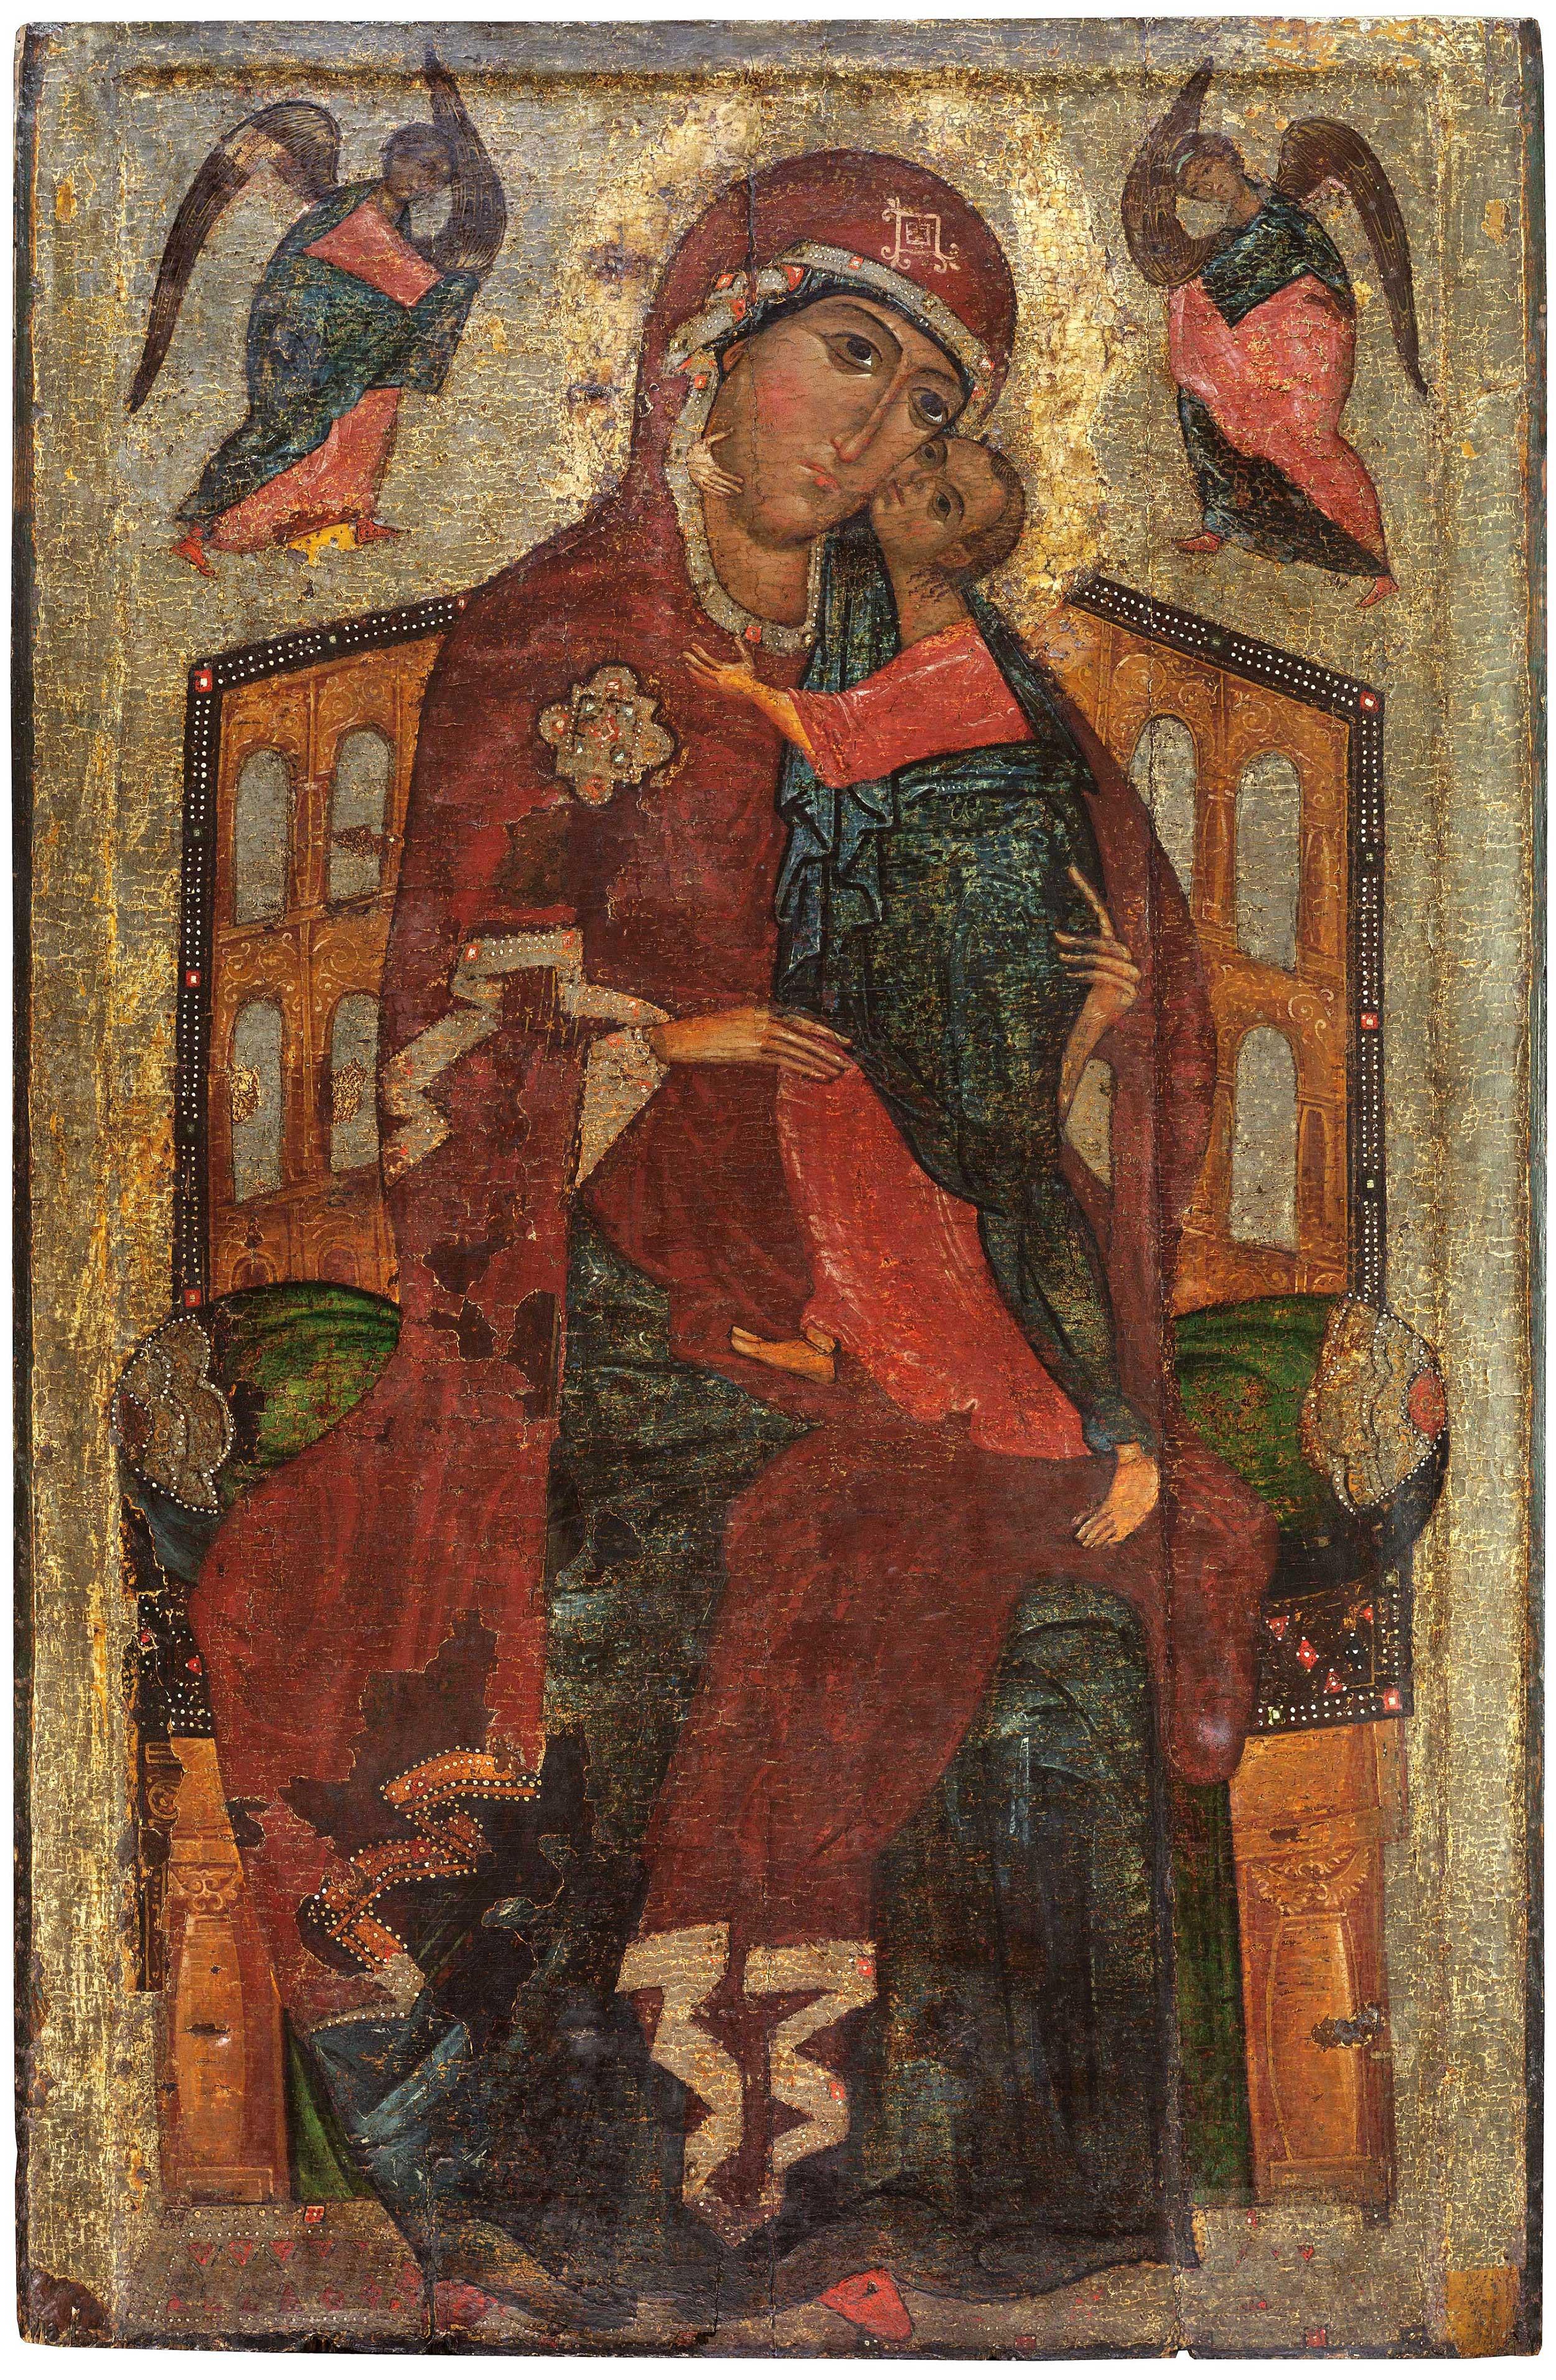 Die Große Ikone der Gottesmutter von Tolga